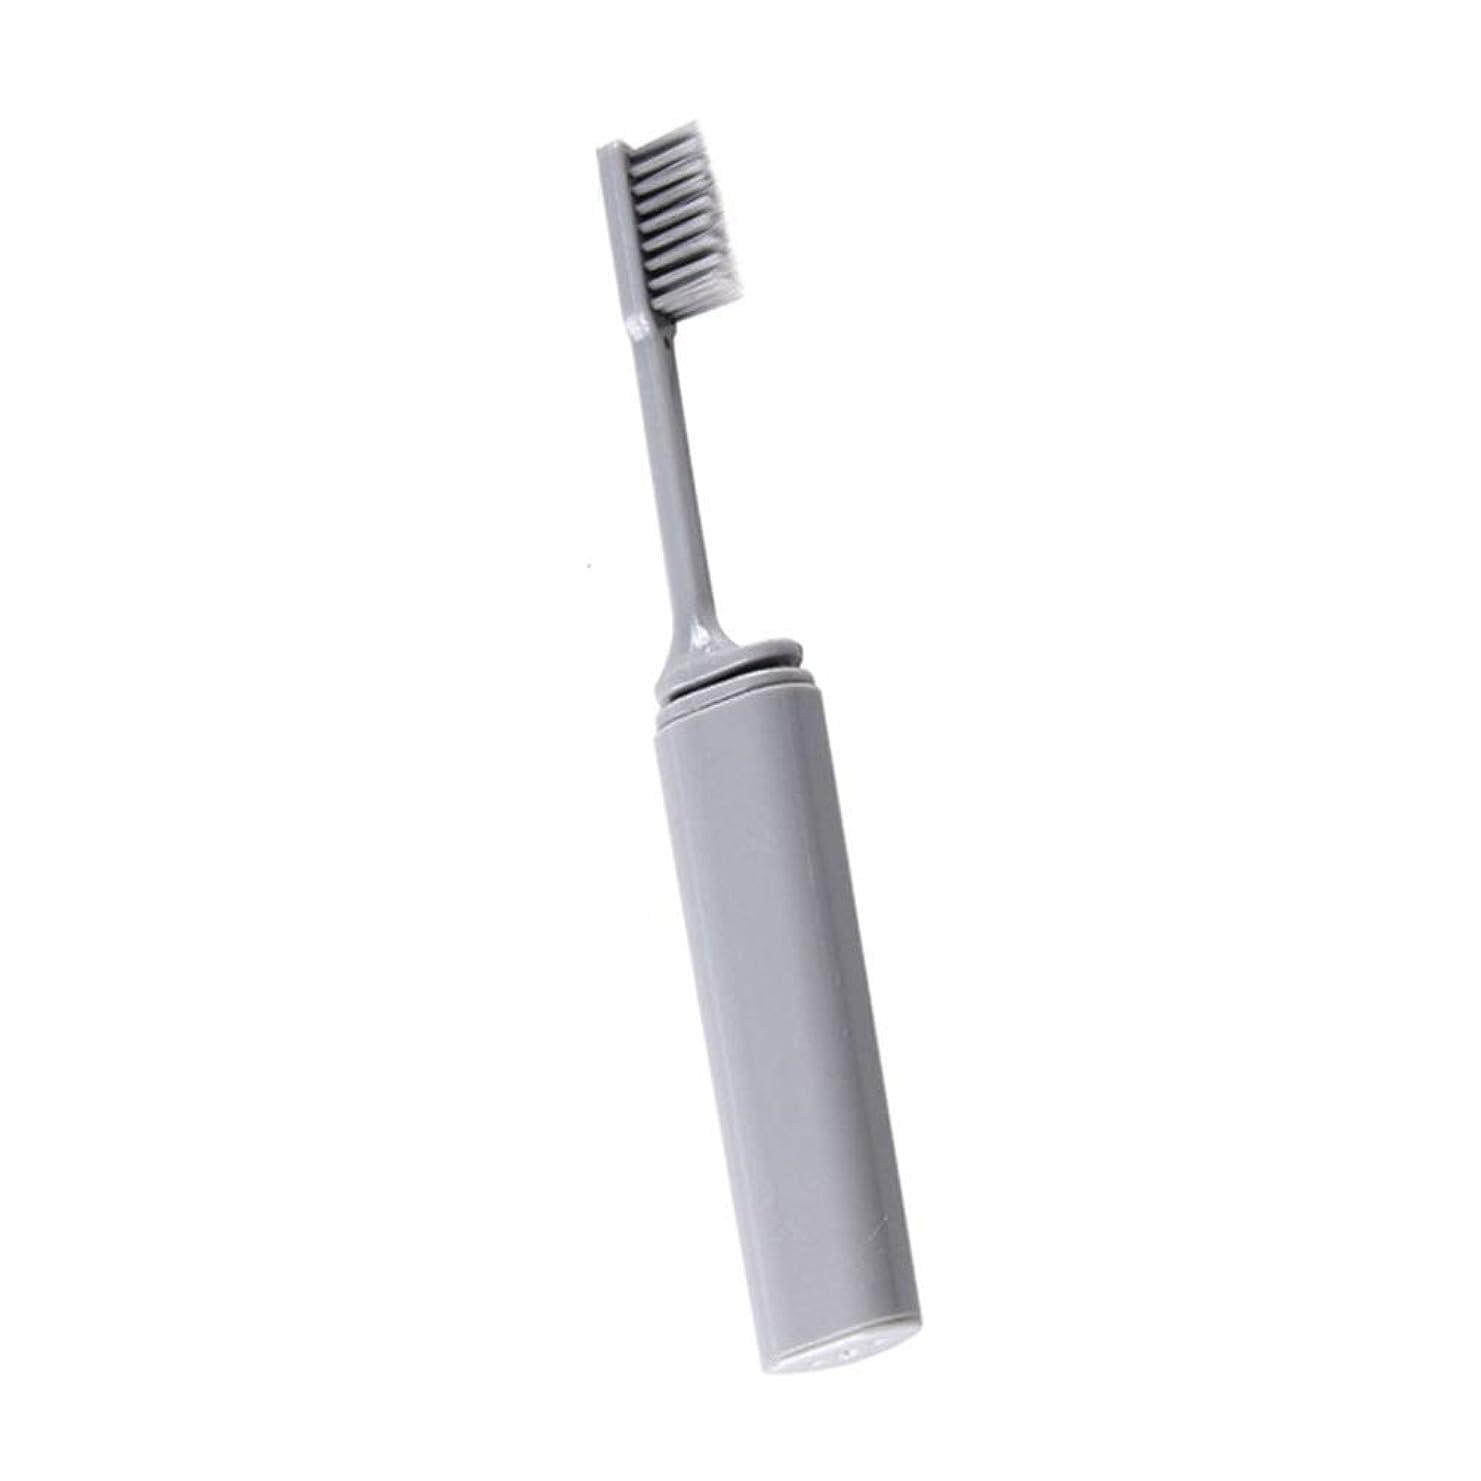 アトラスリア王子供達Onior 旅行歯ブラシ 折りたたみ歯ブラシ 携帯歯ブラシ 外出 旅行用品, ソフト コンパクト歯ブラシ 便利 折りたたみ 耐久性 携帯用 灰色